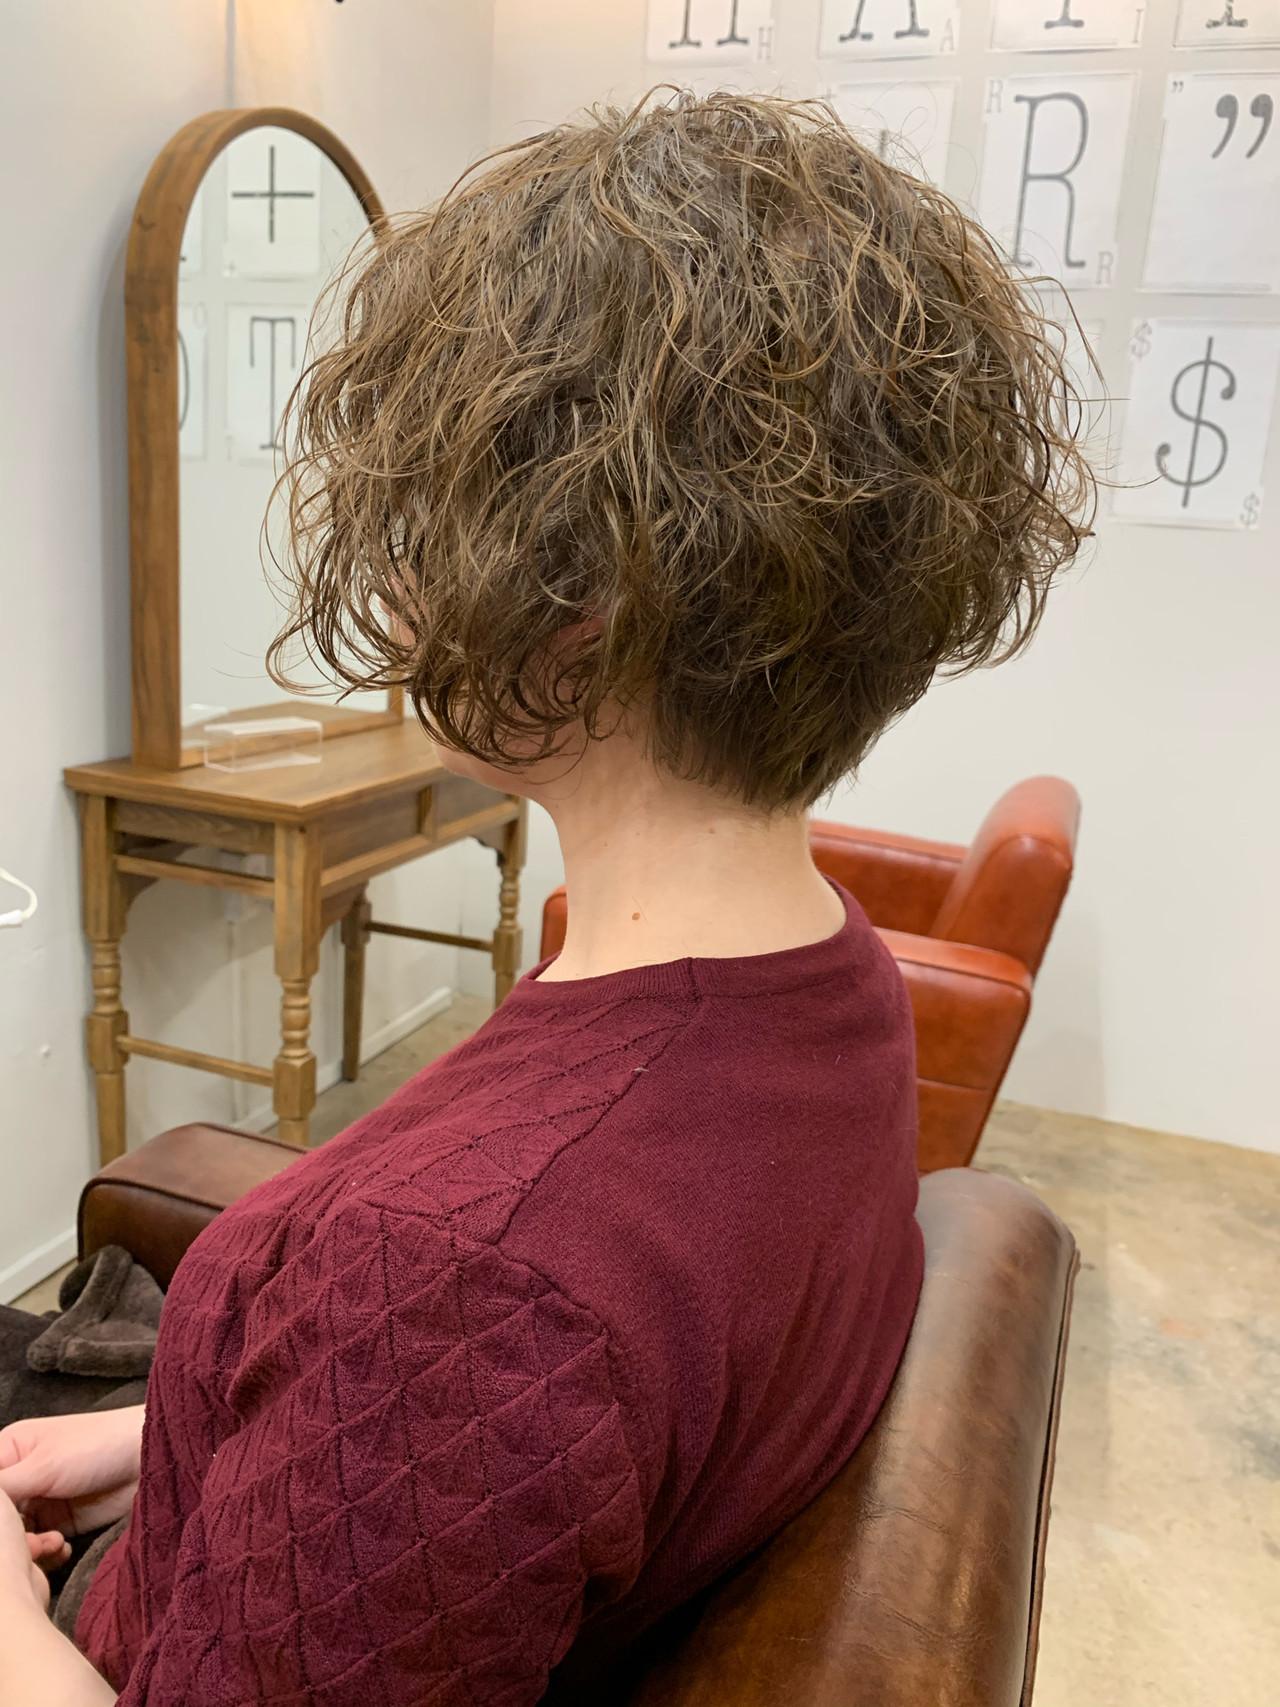 ショート アッシュ ショートボブ 結婚式 ヘアスタイルや髪型の写真・画像